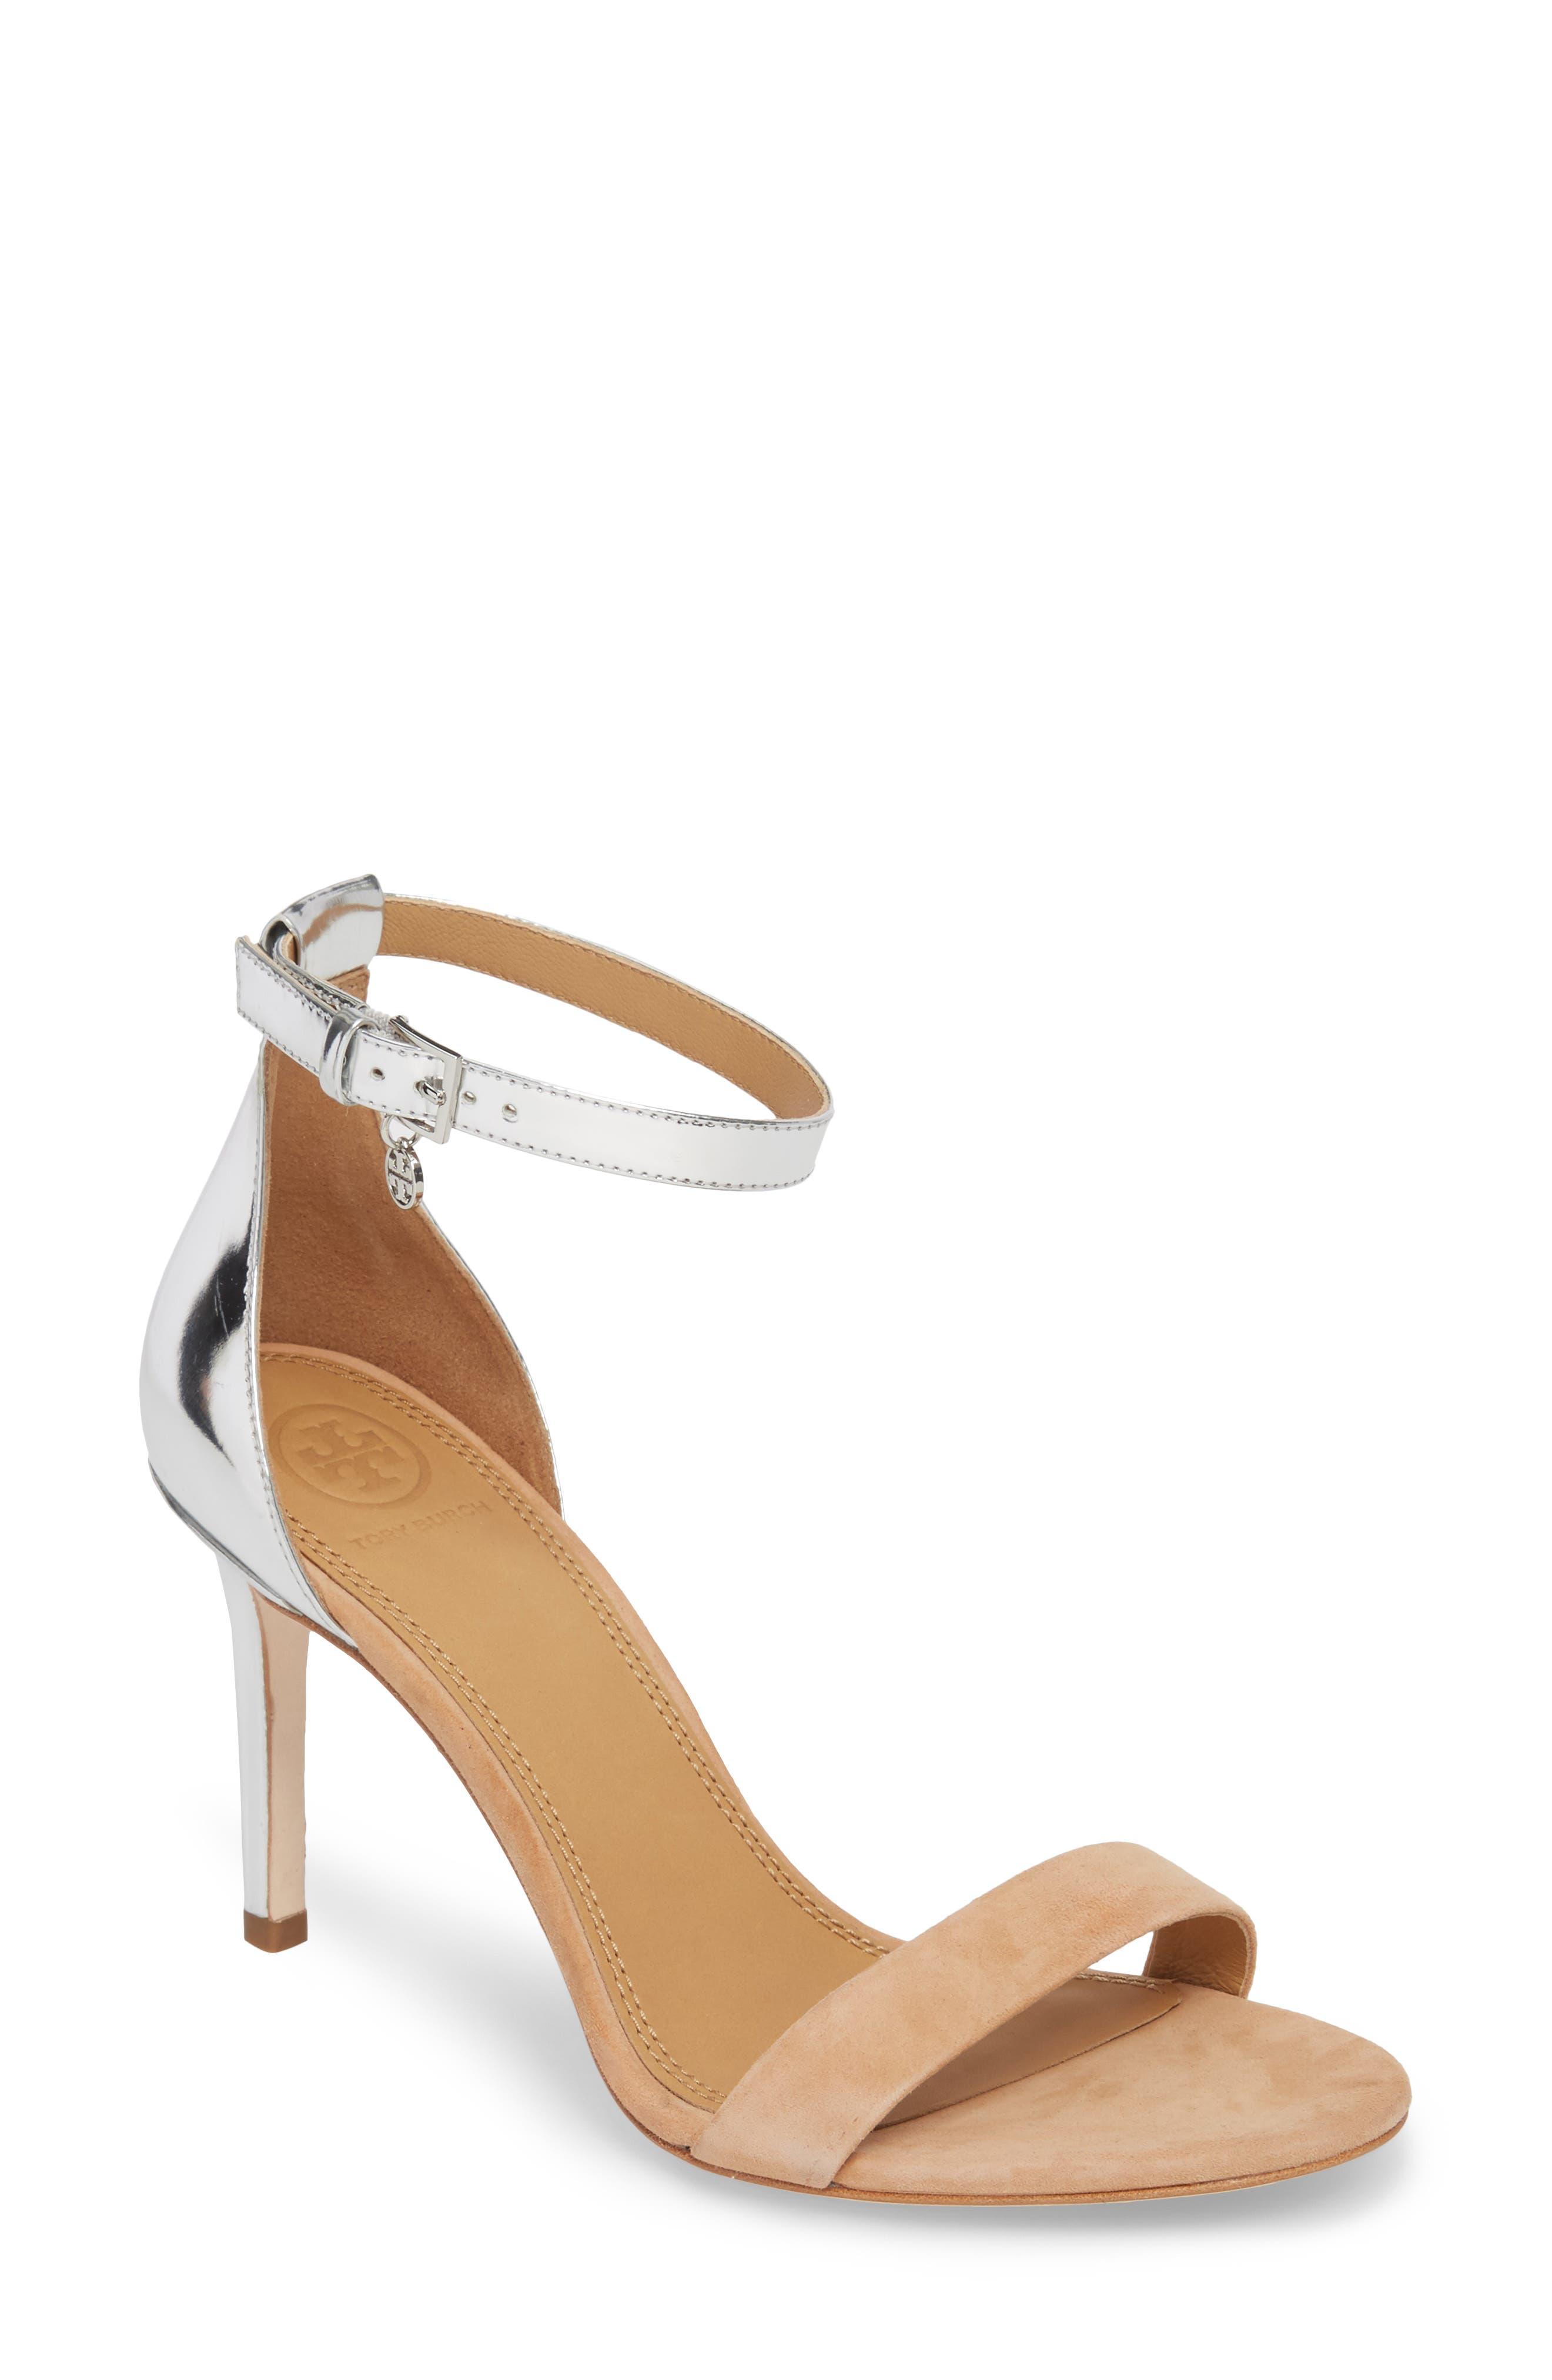 Ellie Ankle Strap Sandal,                             Main thumbnail 1, color,                             020